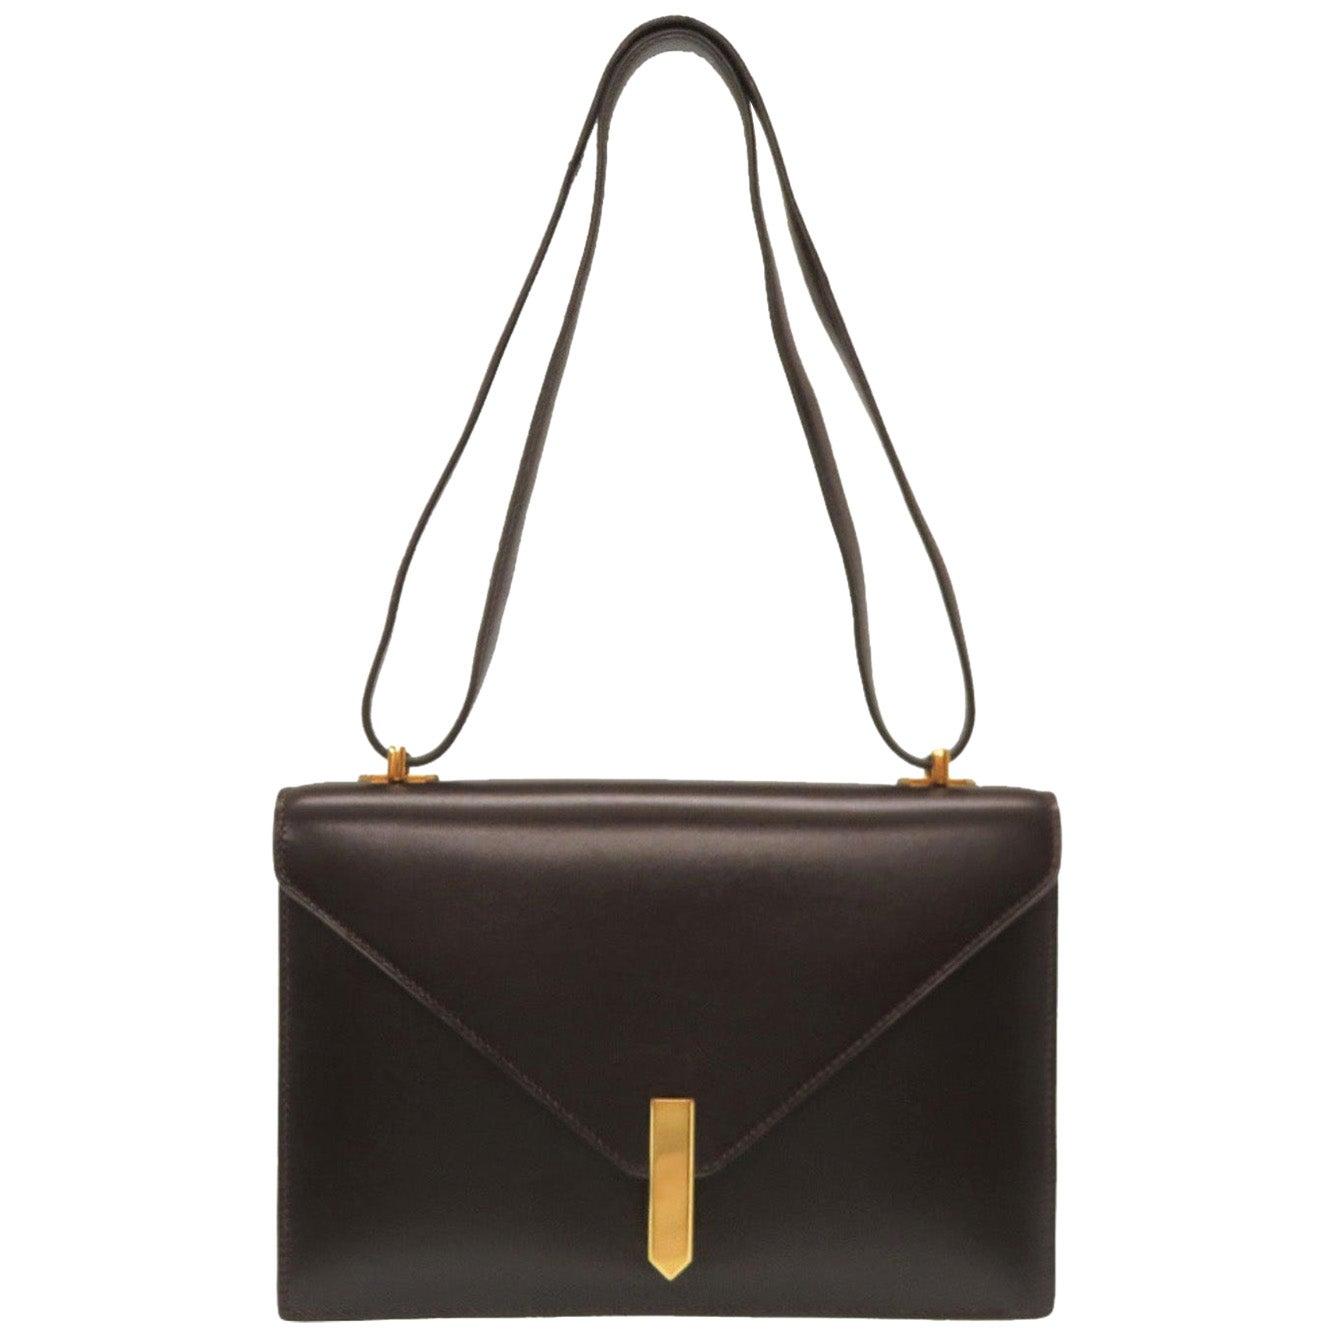 Hermes Brown Leather Gold Emblem Evening Top Handle Satchel Shoulder Flap Bag